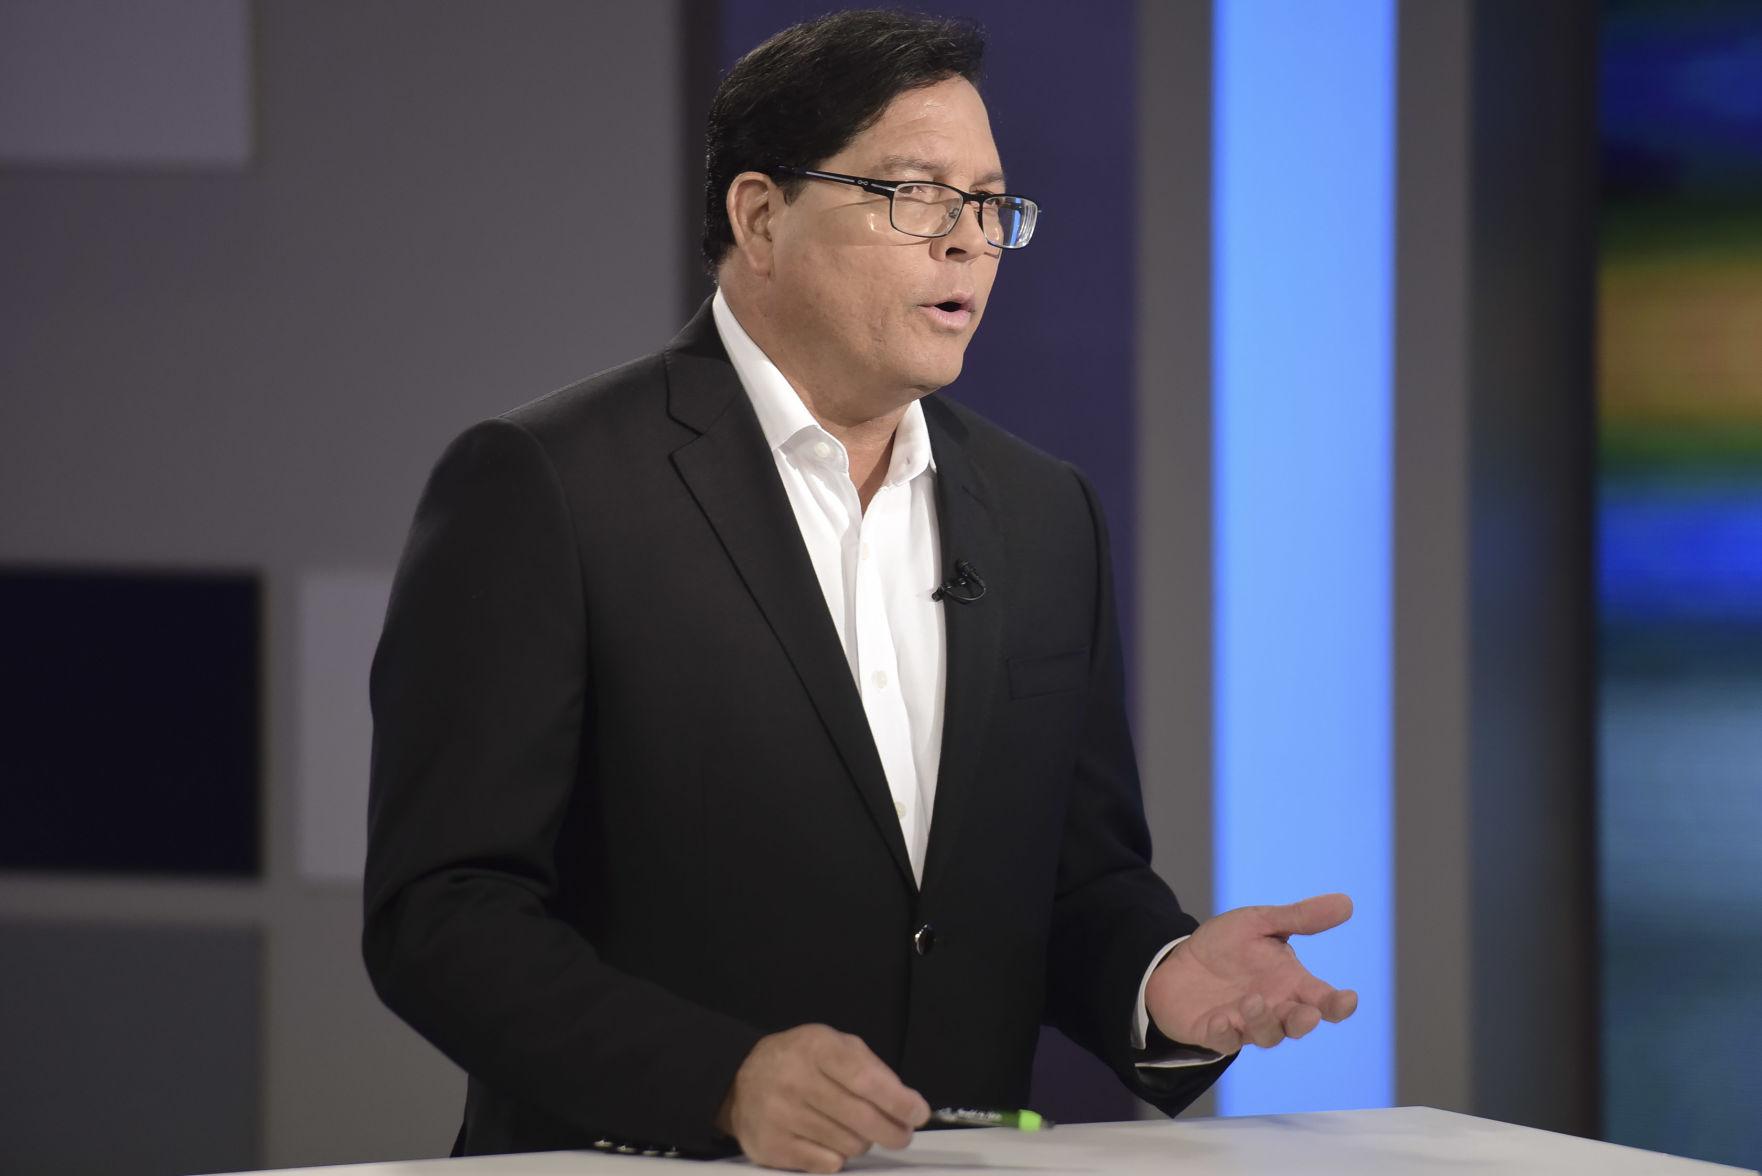 Rubén Sánchez y Univisión responden a señalamientos de Jay Fonseca